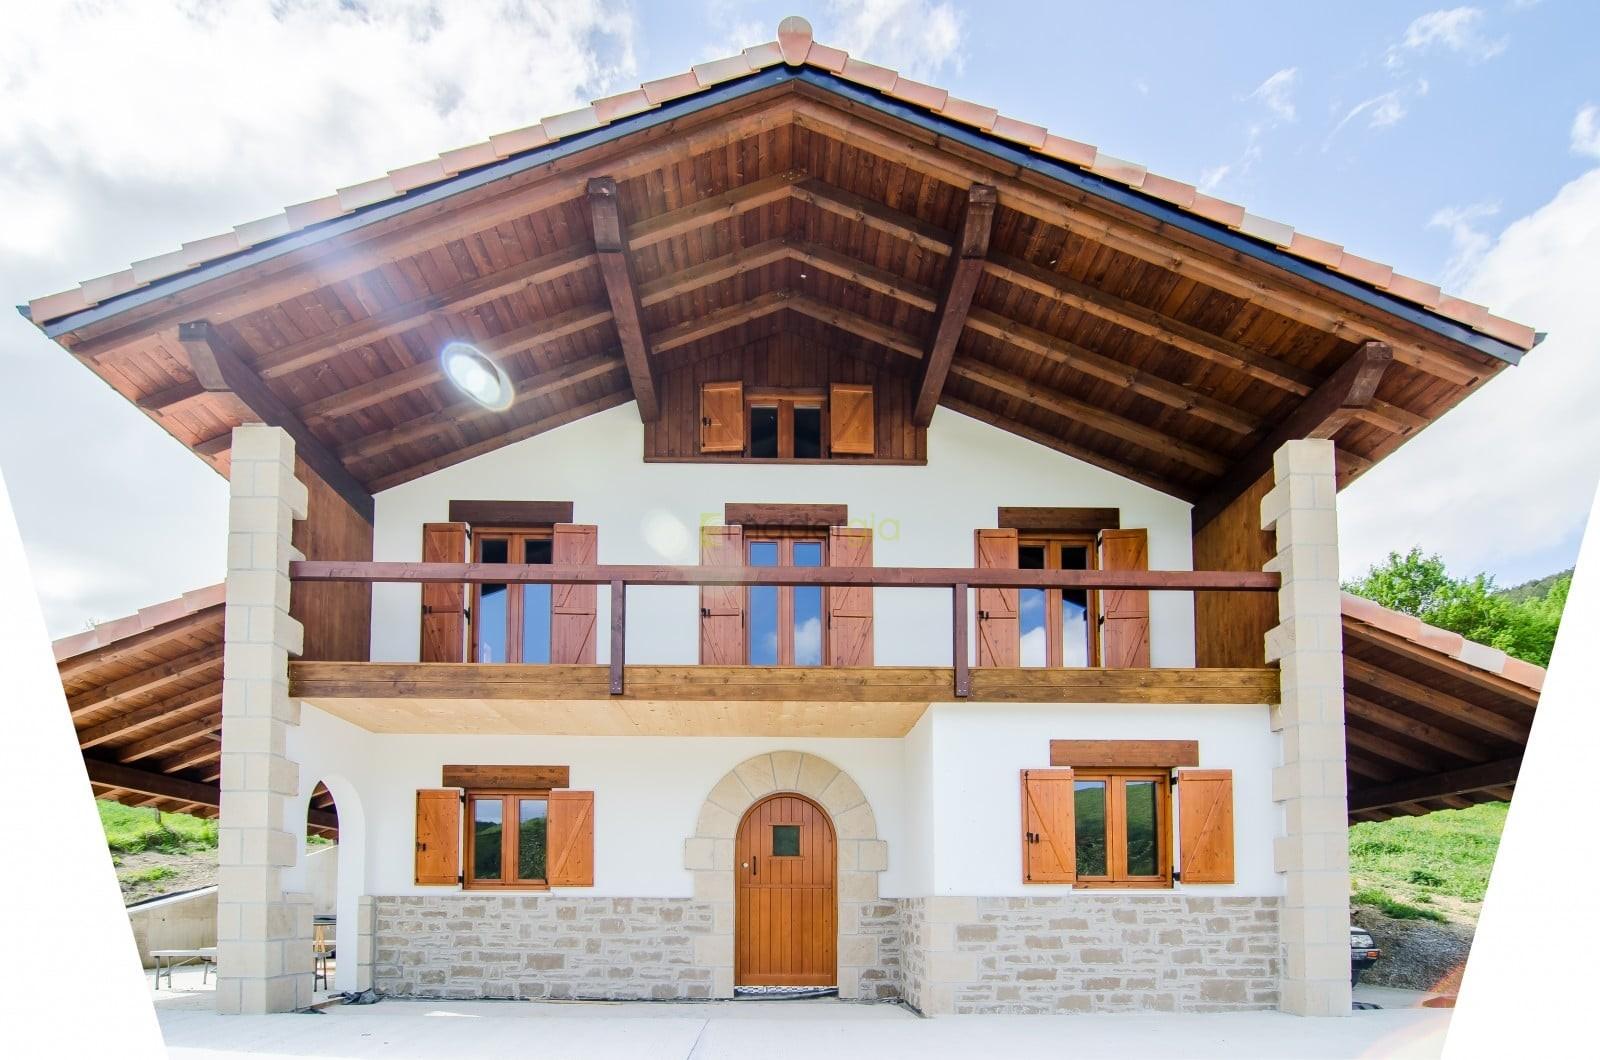 Casa de arquitectura tradicional madergia for Arquitectura de madera